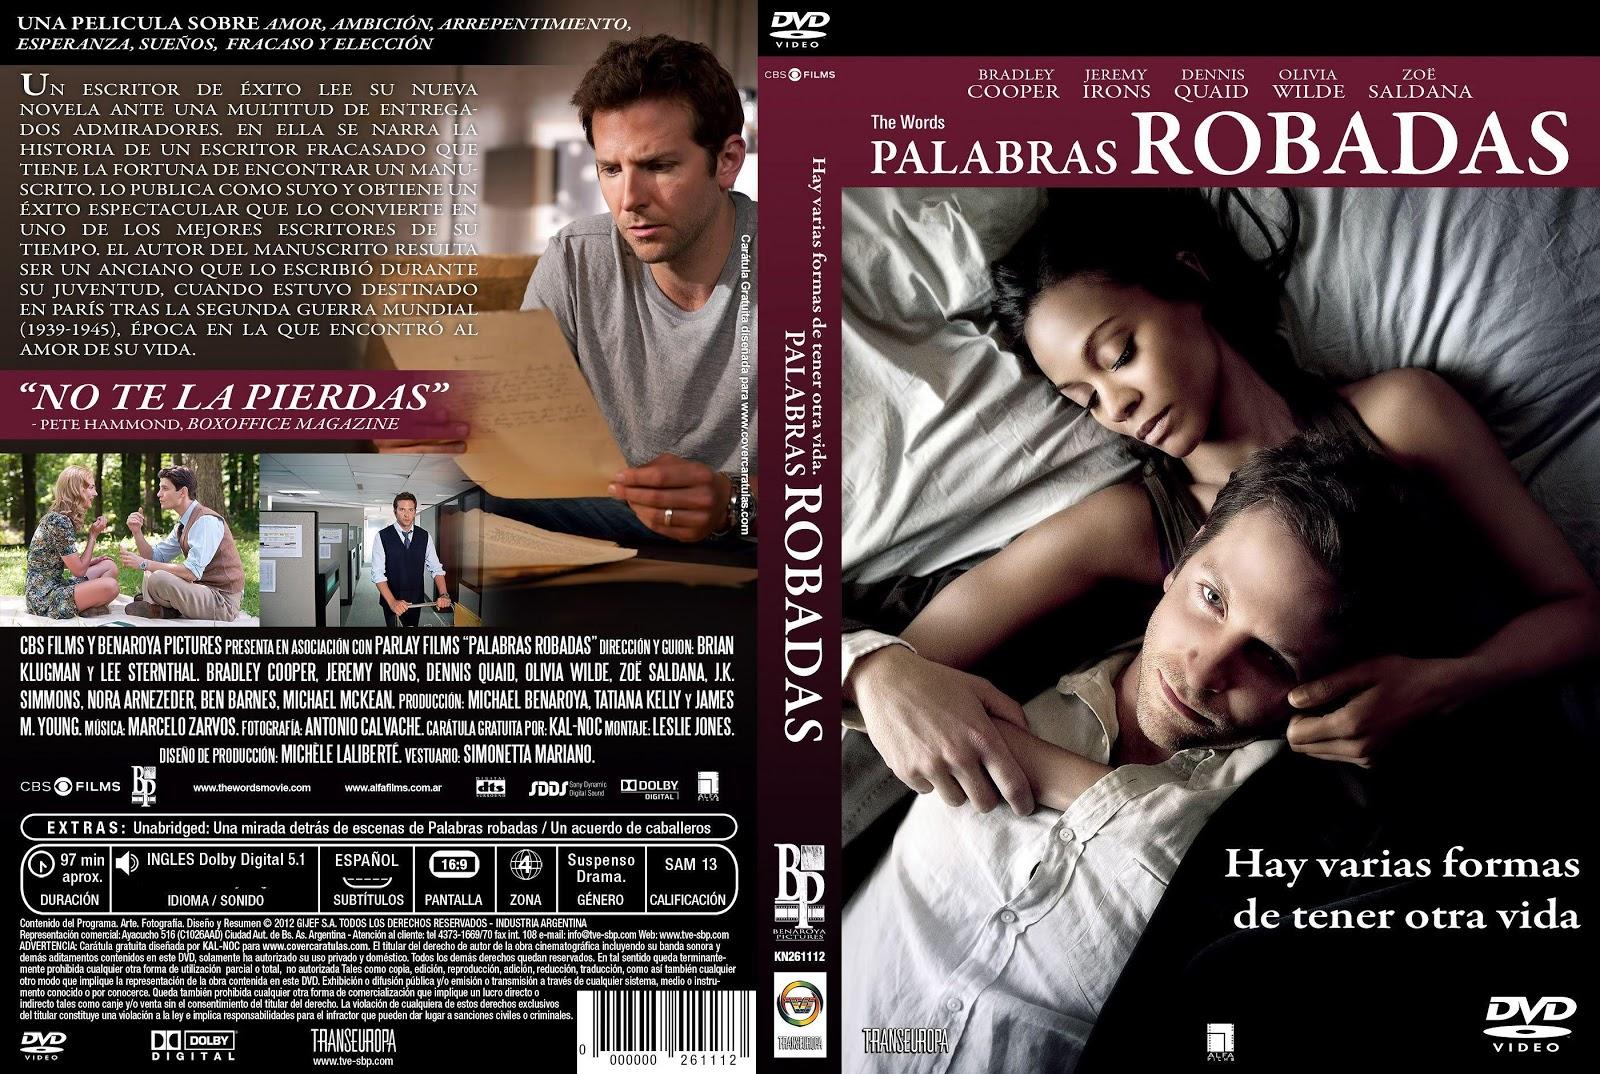 http://3.bp.blogspot.com/-UboF91hiAKY/UNTh3OBVjHI/AAAAAAAAEic/rfoy20F4kQE/s1600/Palabras+Robadas+-+2012.jpg